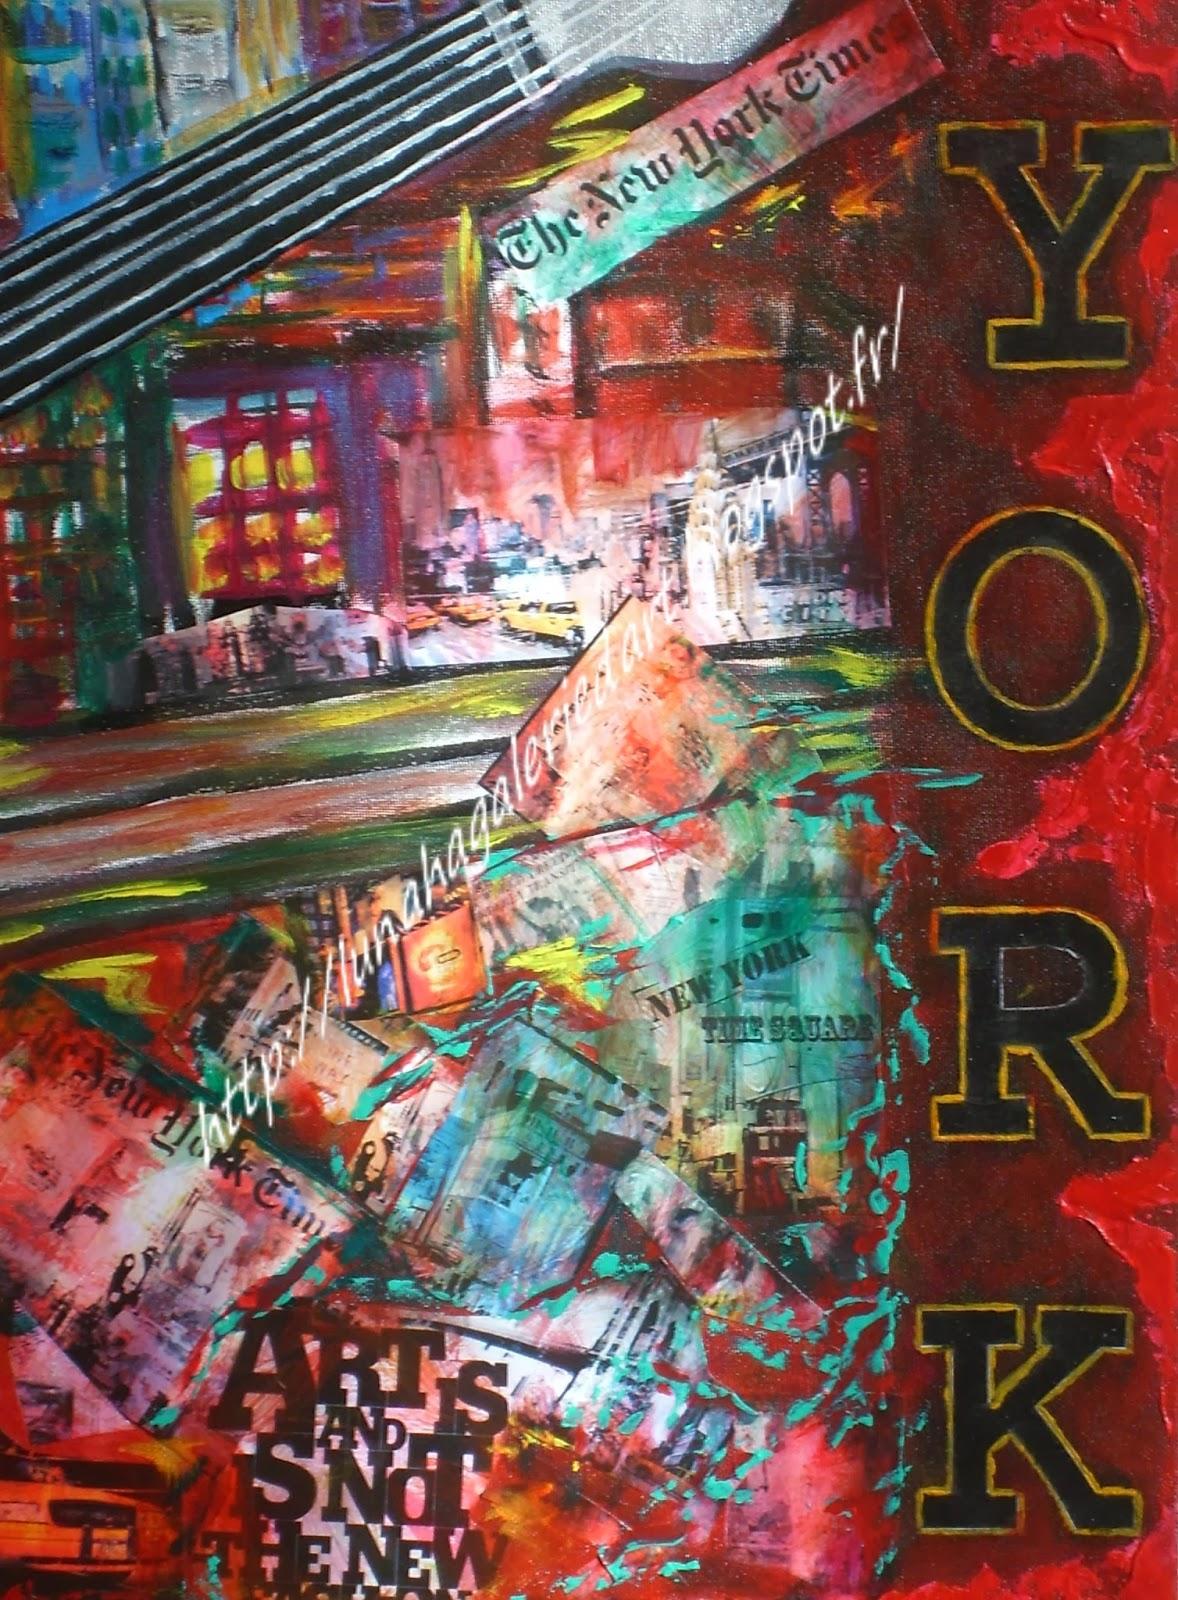 Lunaha Galerie Artiste Peintre New York Technique Mixte Travail